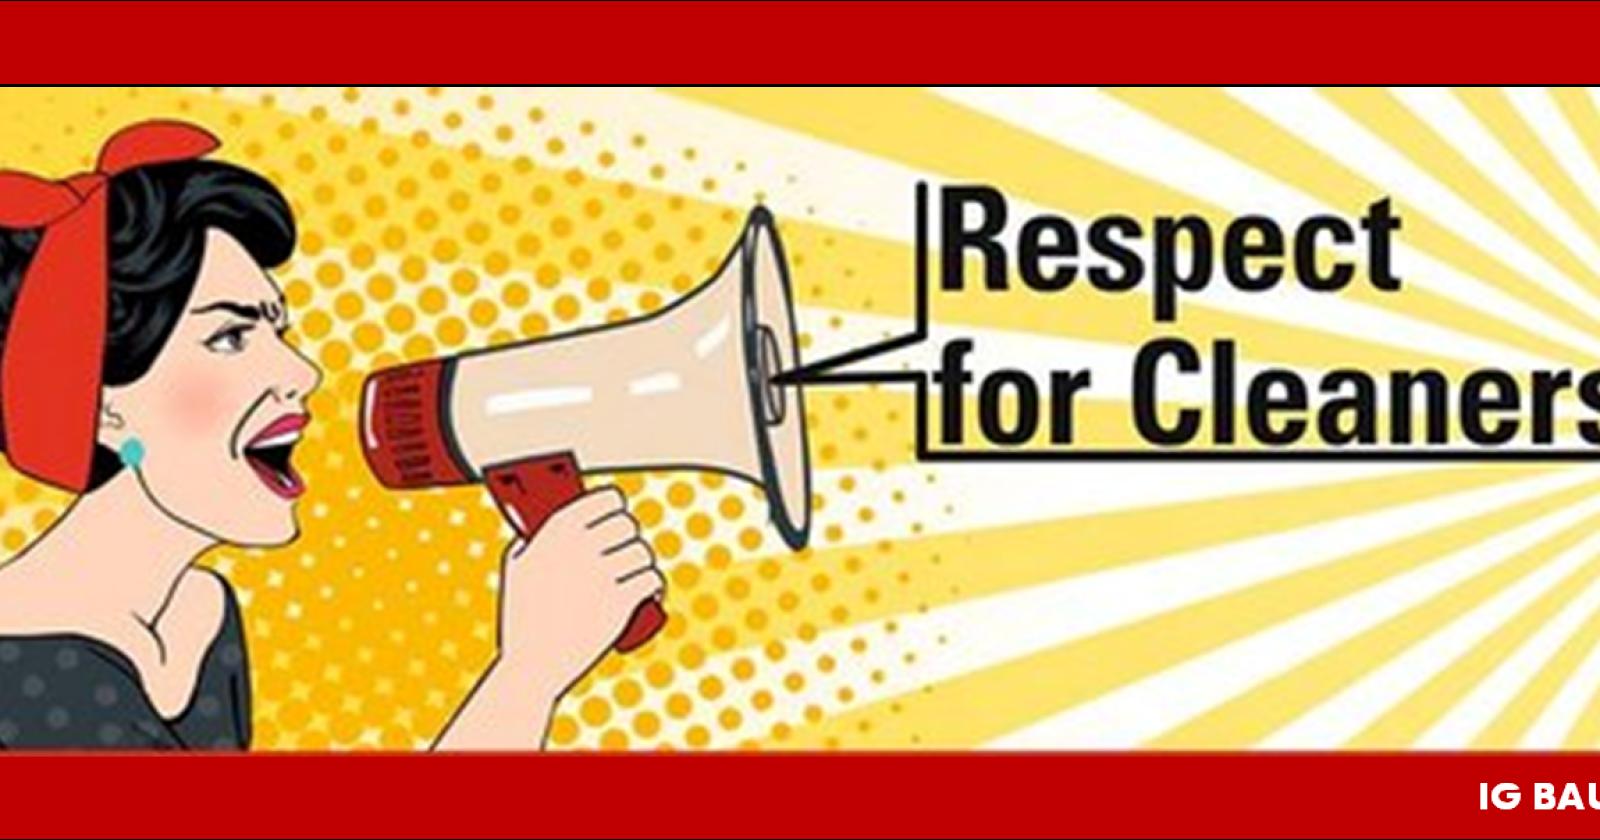 Tag der Gebäudereinigung: IG BAU fordert von Arbeitgebern mehr Respekt für Beschäftigte!